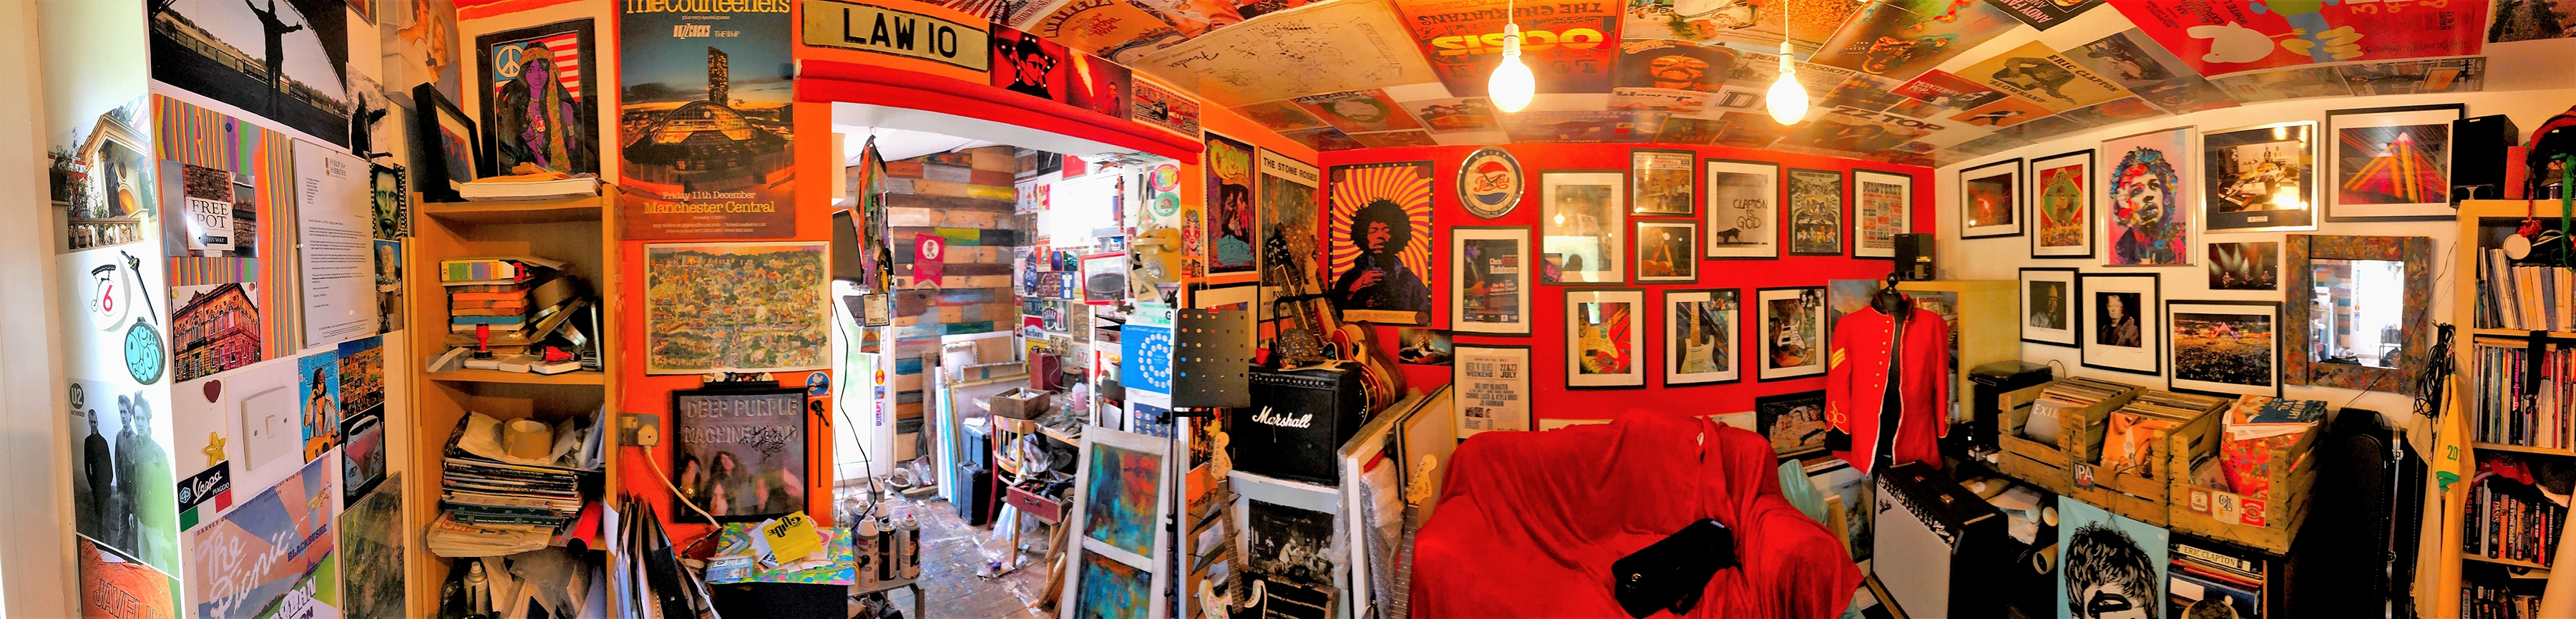 Panoramic View of Shaun Keefe's Studio